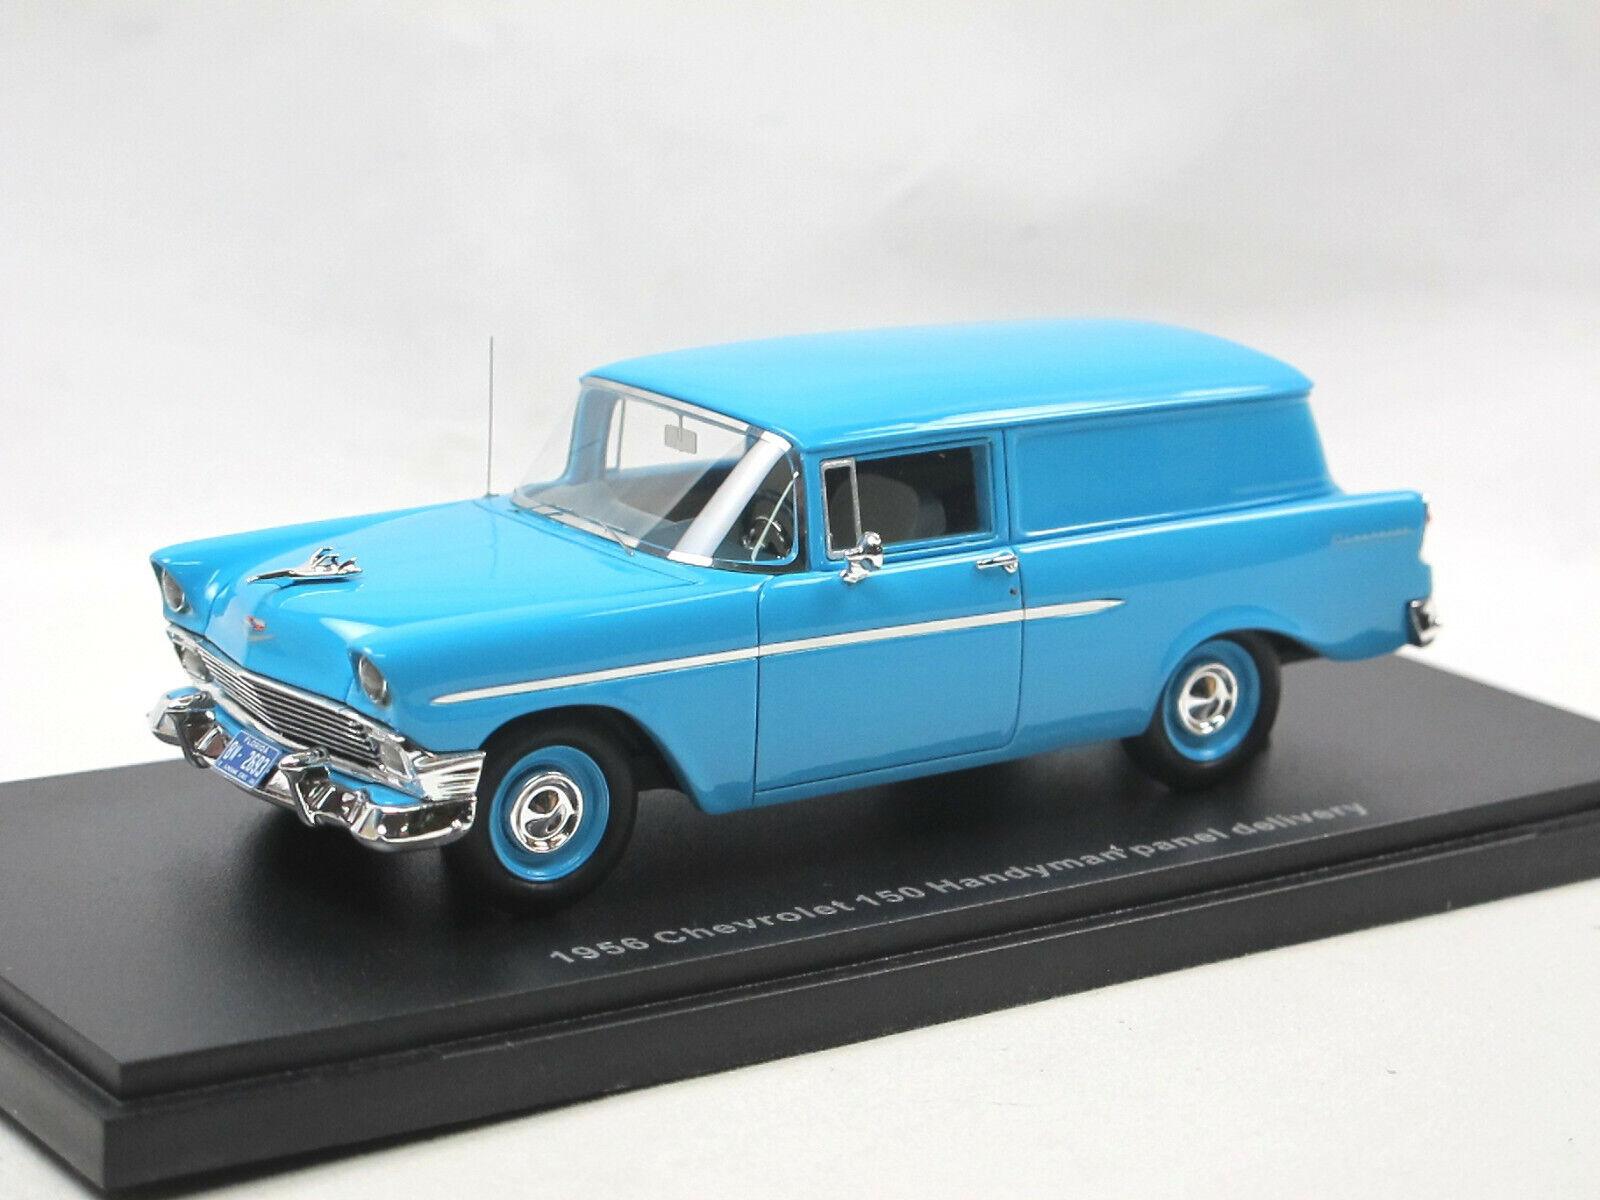 ESVAL MODELS - 1956 CHEVROLET 150 Handyman panel delivery van bleu 1 43 limited